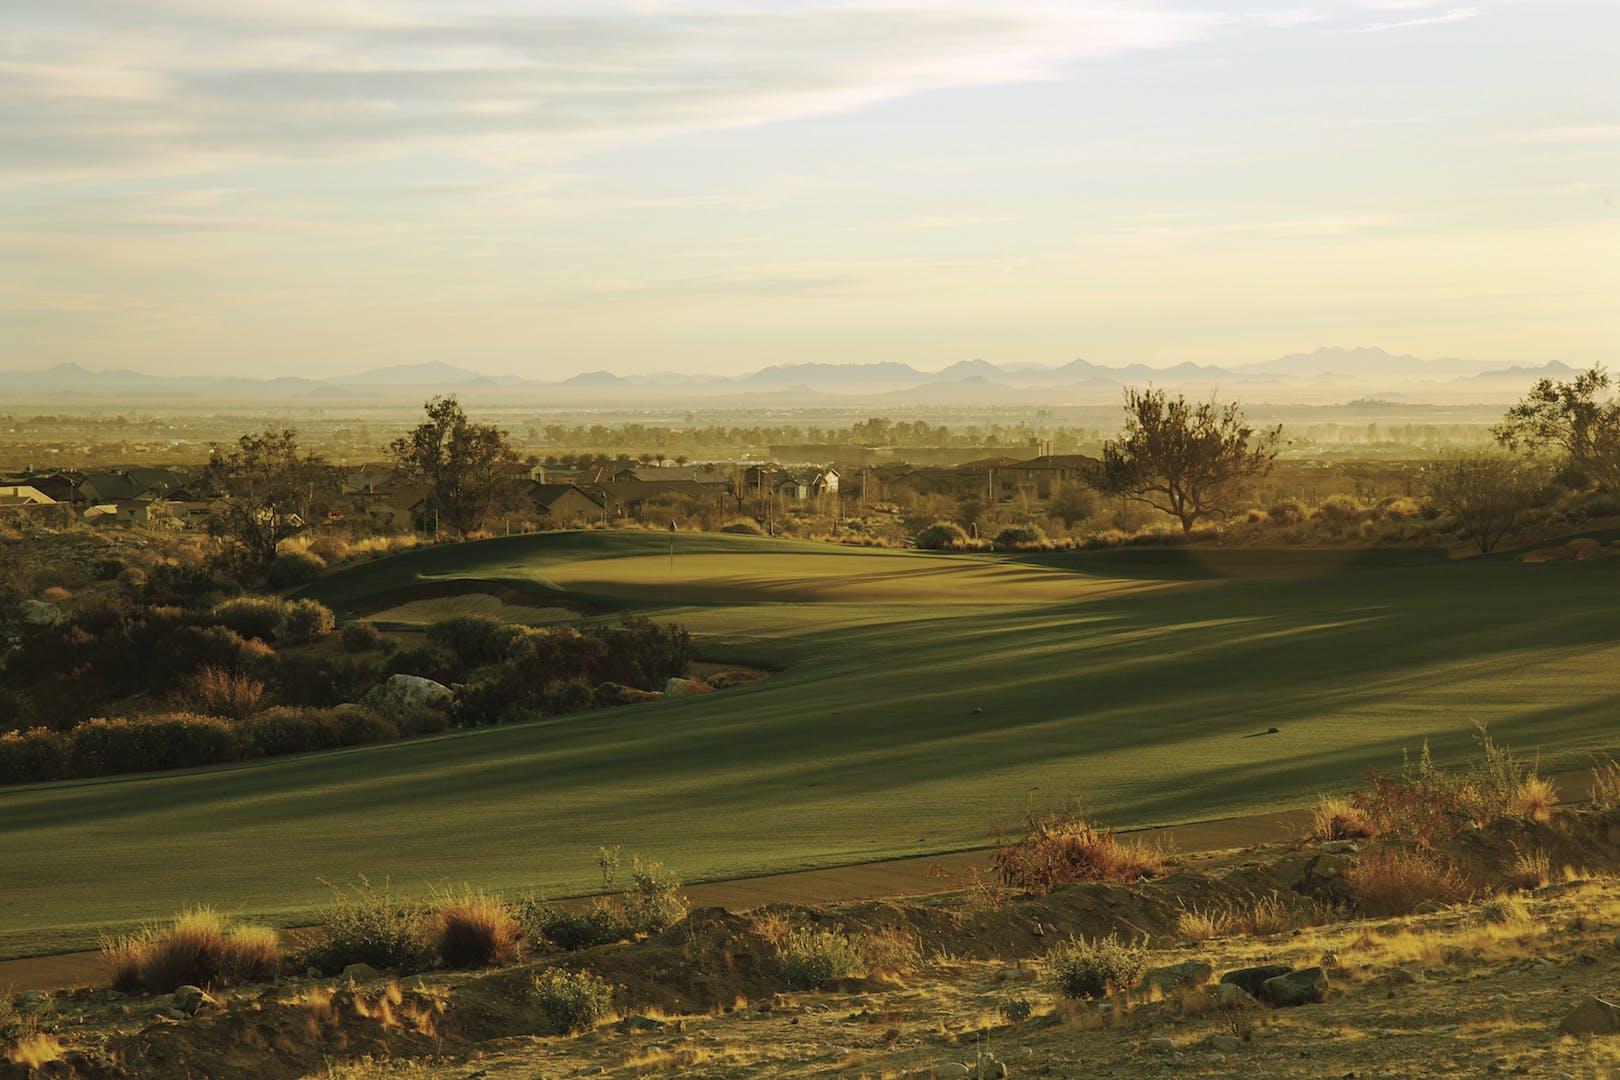 Verrado Golf Club - Founder's Course